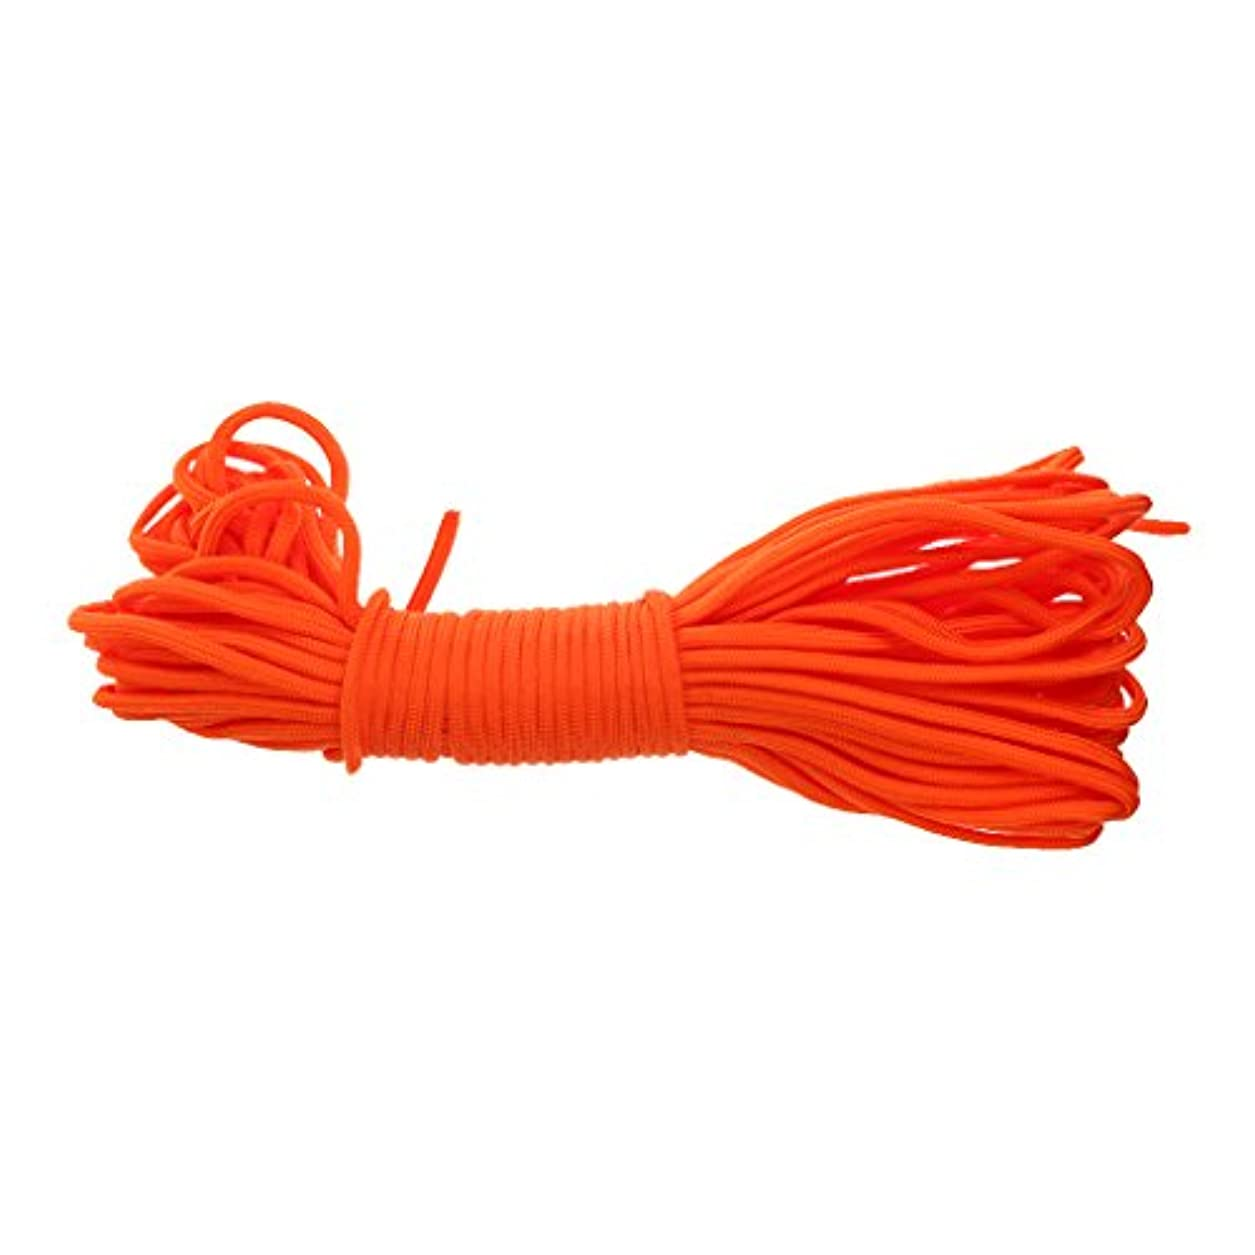 イベントコカイン無声でDYNWAVE 30m 緊急 救助ロープ 反射式 浮遊式 ダイビング シュノーケリング 水 救助